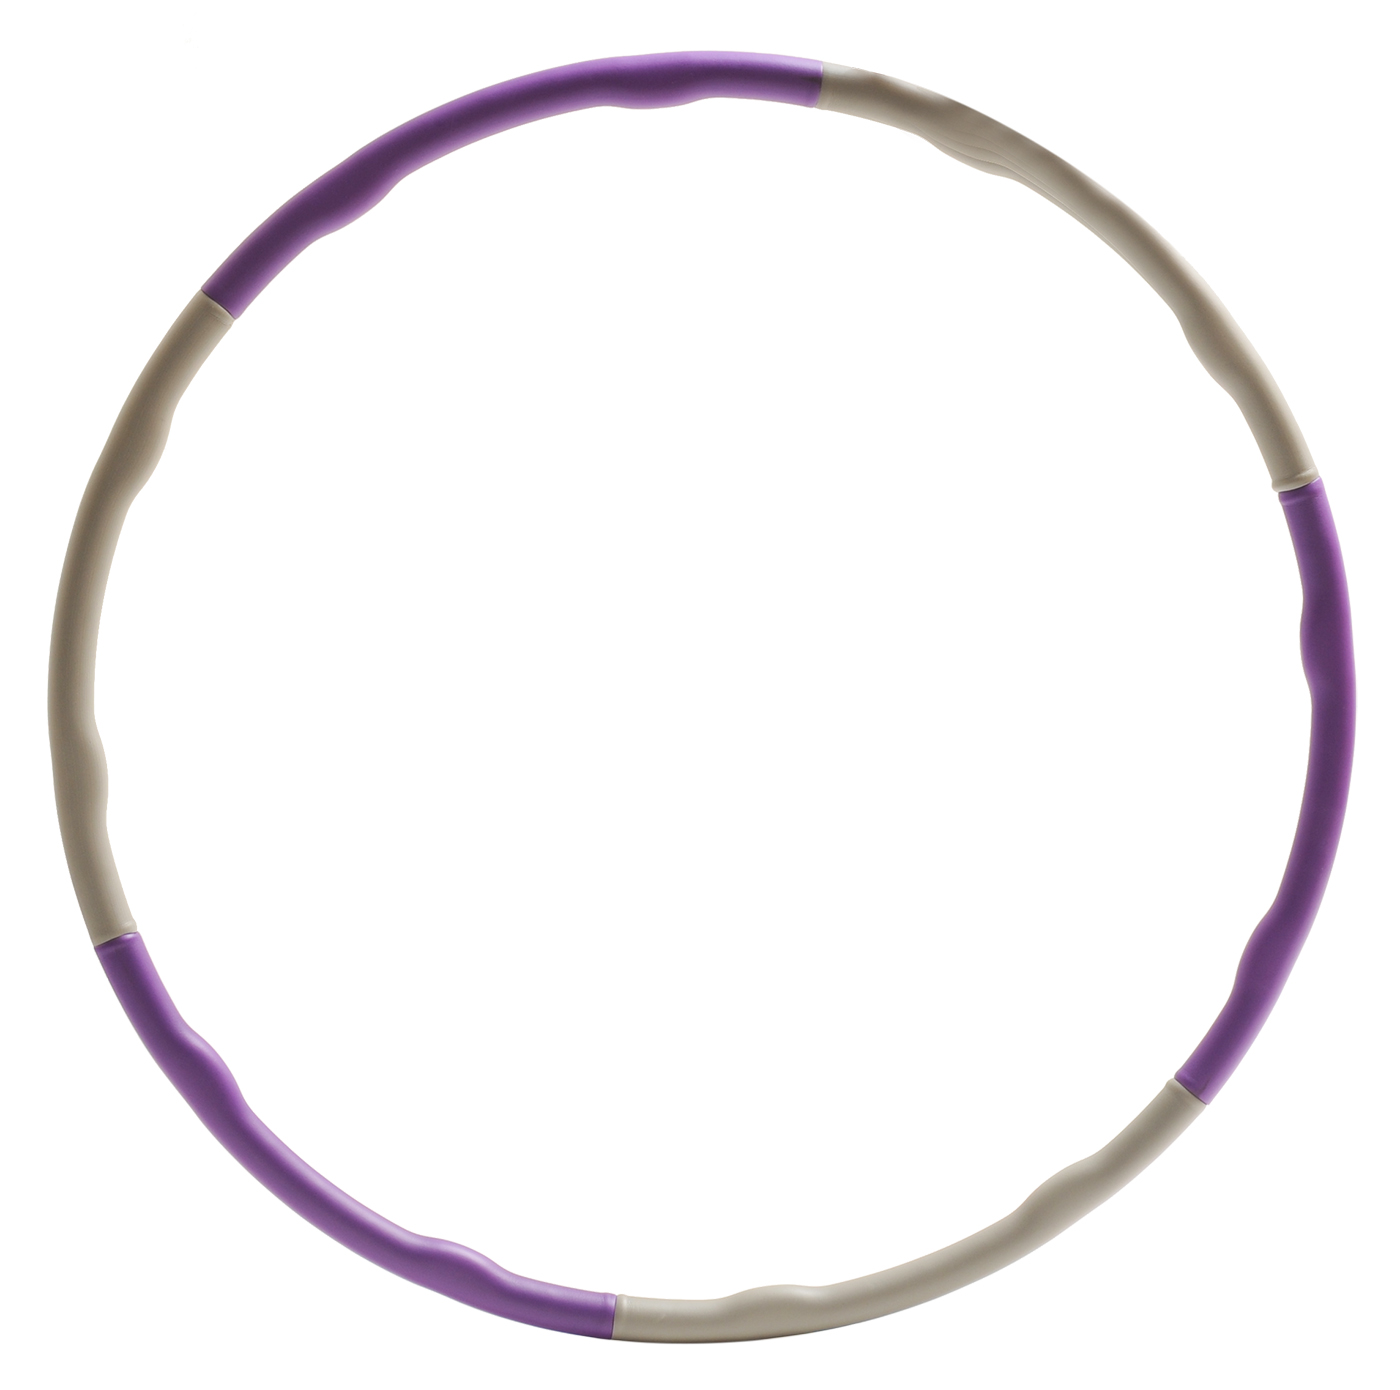 Hula Hoop wave - violet/grey